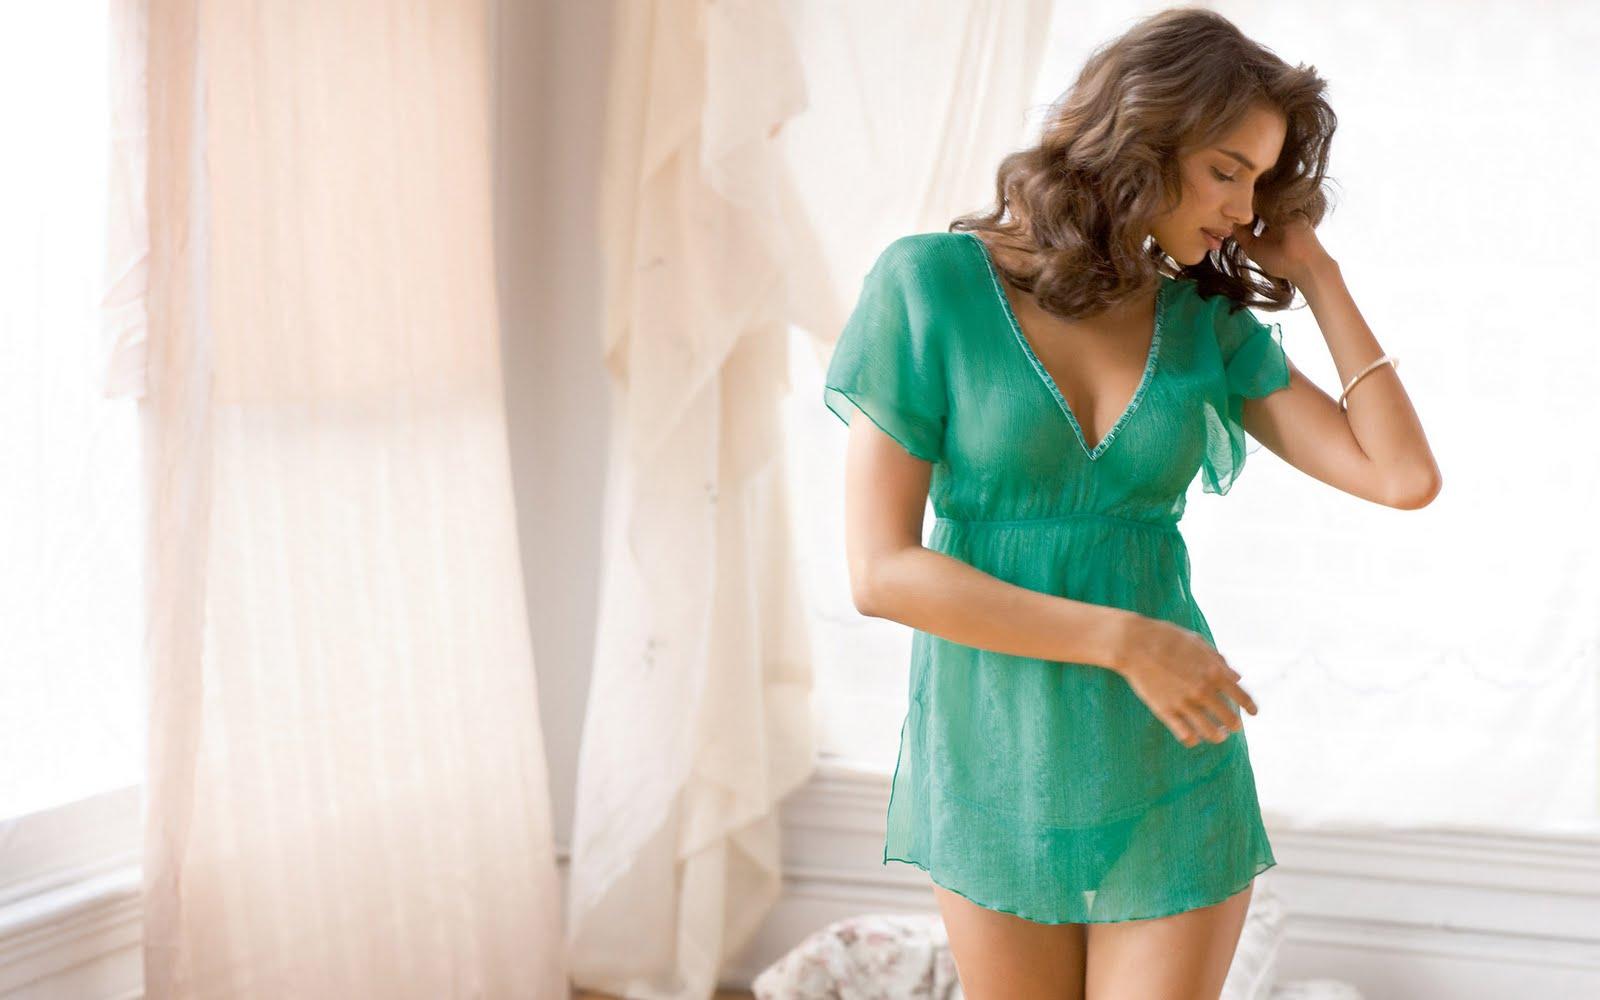 Фото девушек в платьях в домашних условиях